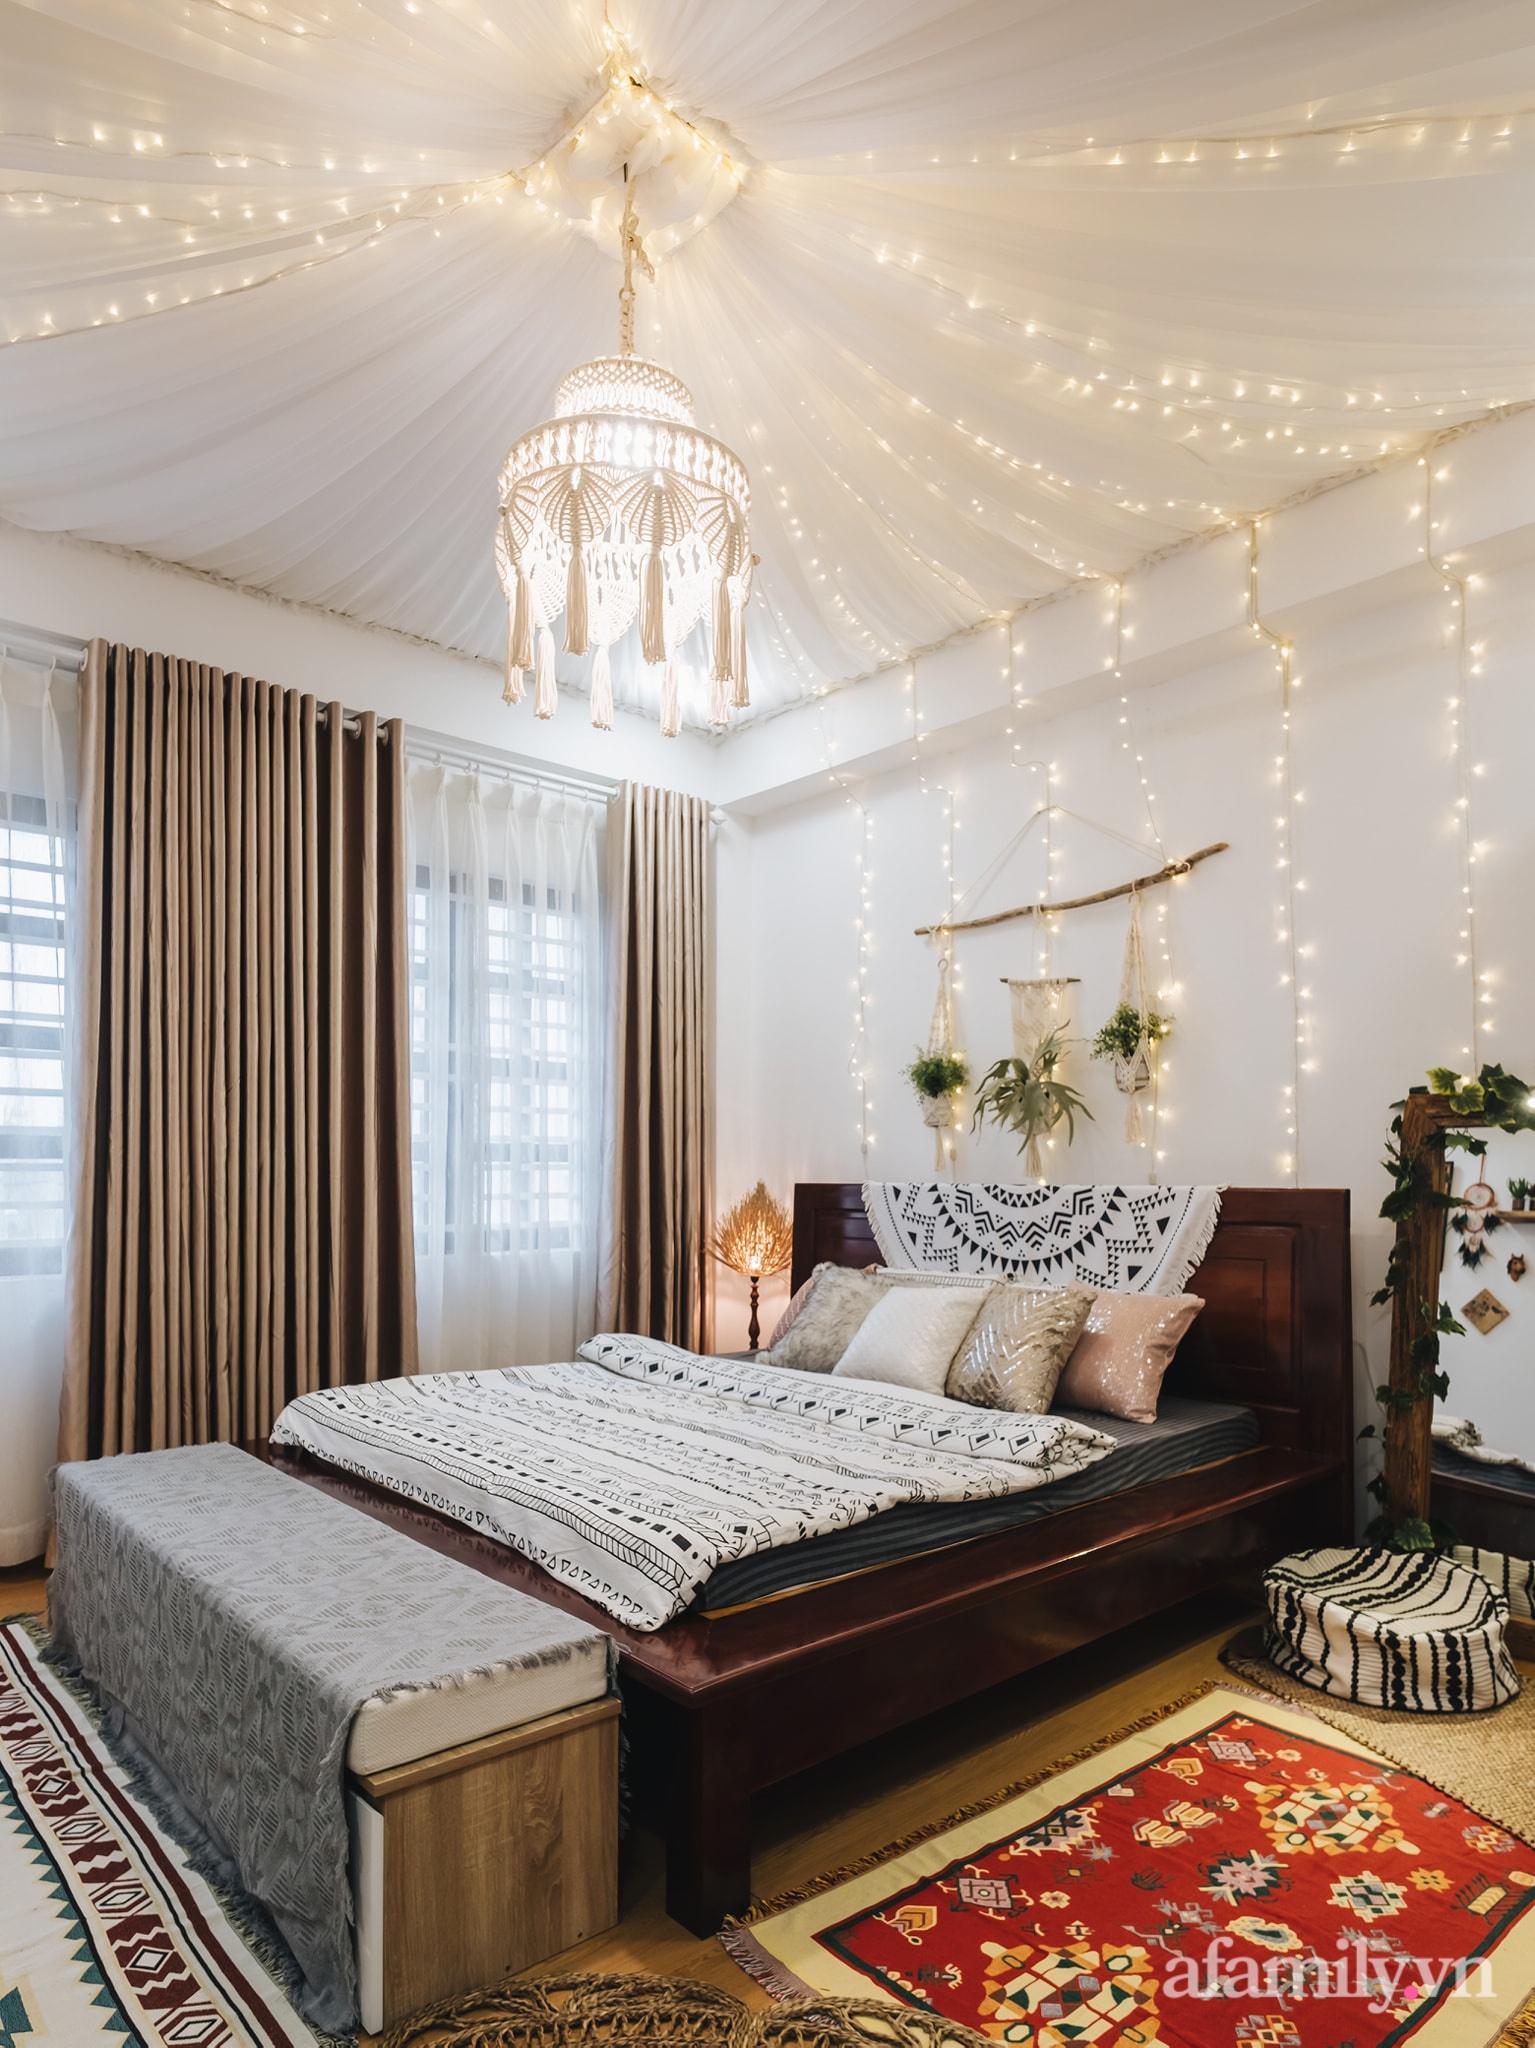 Cải tạo phòng ngủ cũ thành phòng tân hôn đẹp lãng mạn theo phong cách Boho với chi phí décor 50 triệu đồng ở Sài Gòn - Ảnh 5.